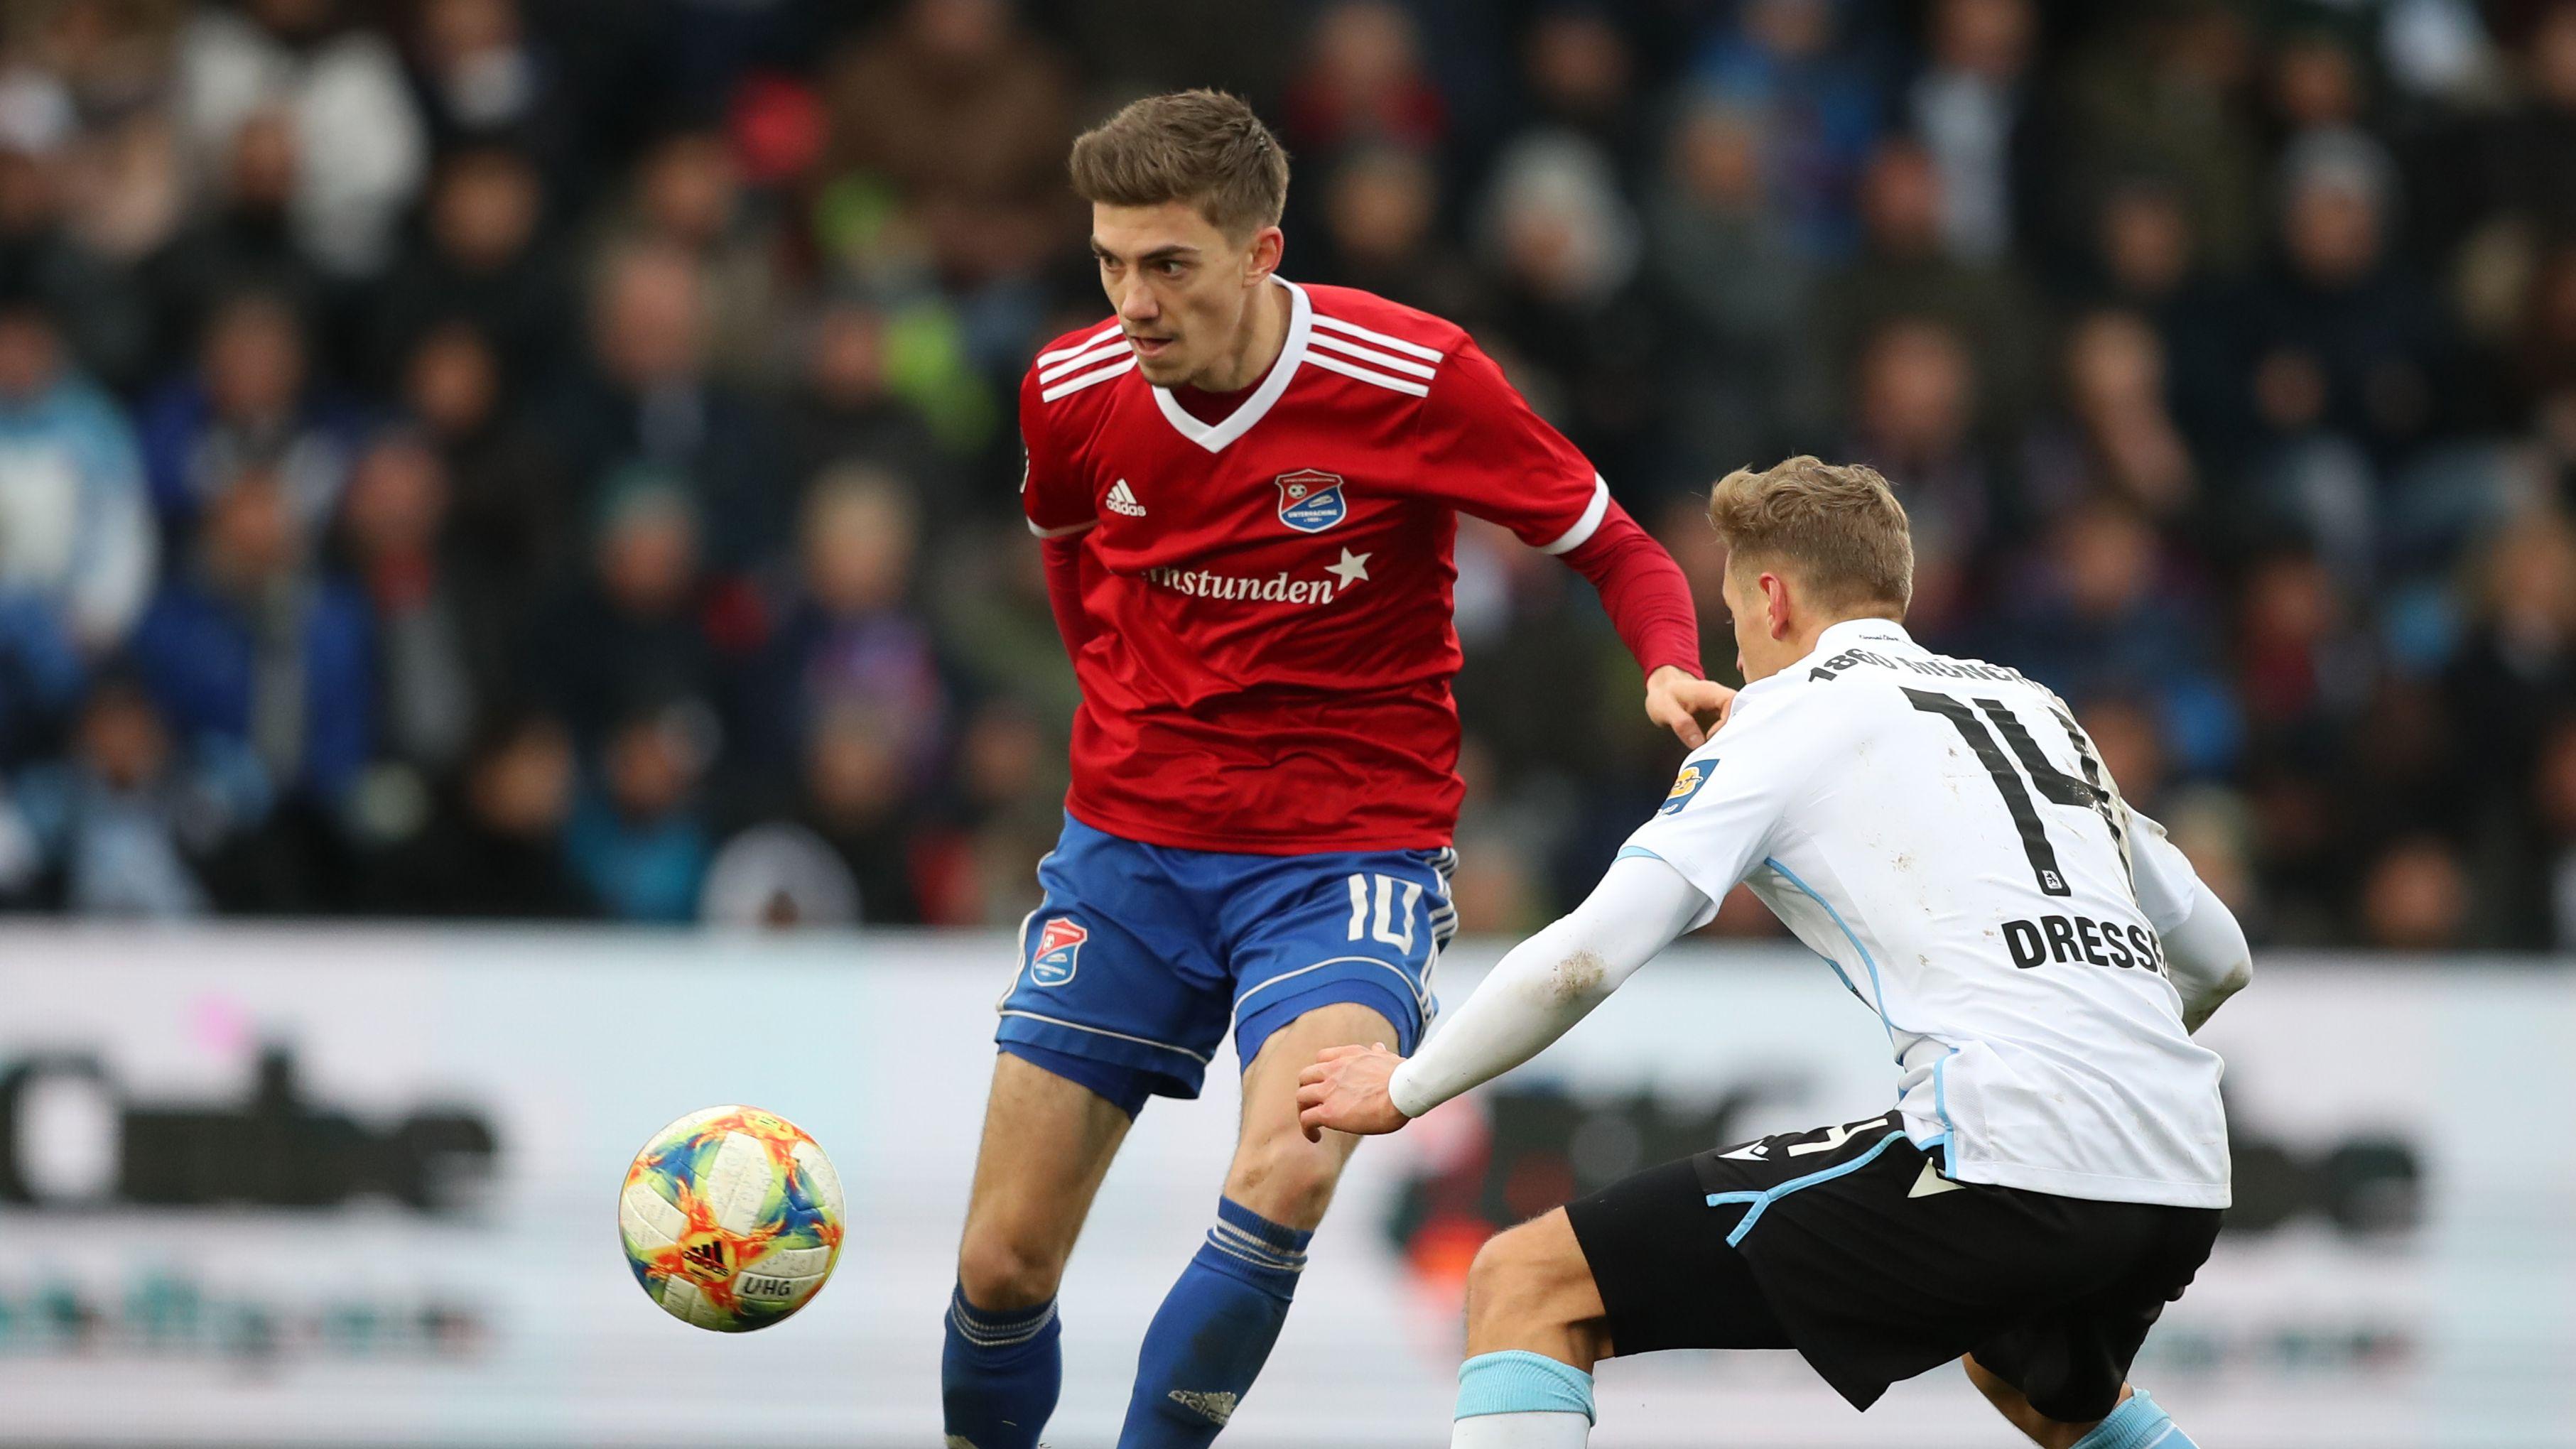 Spielszene 3.Liga, SpVgg Unterhaching - TSV 1860 München